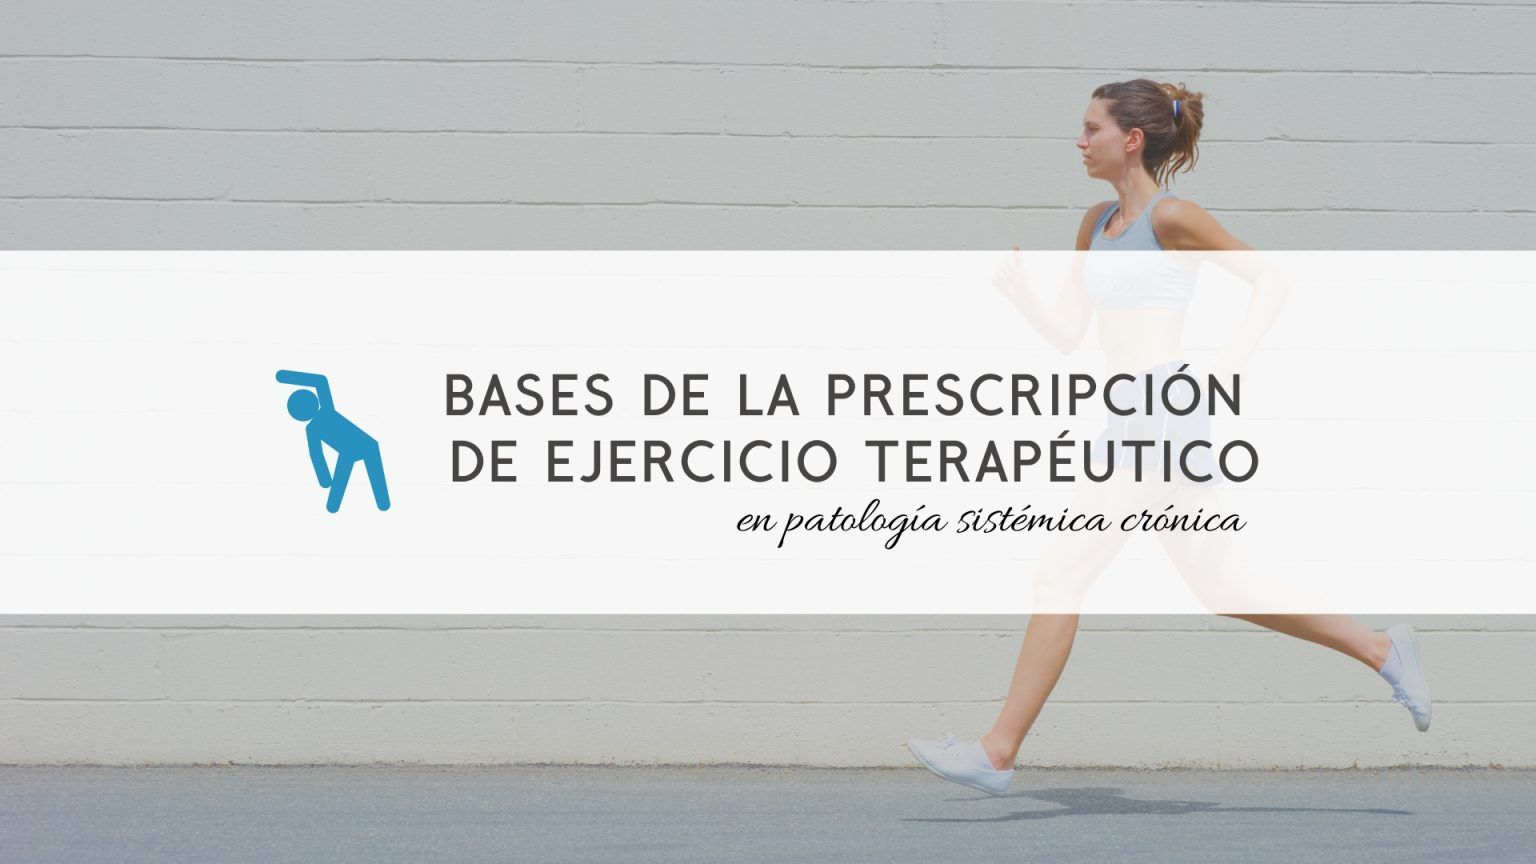 prescripcion-ejercicio-terapeutico-patologia-sistemica-cronica (1)